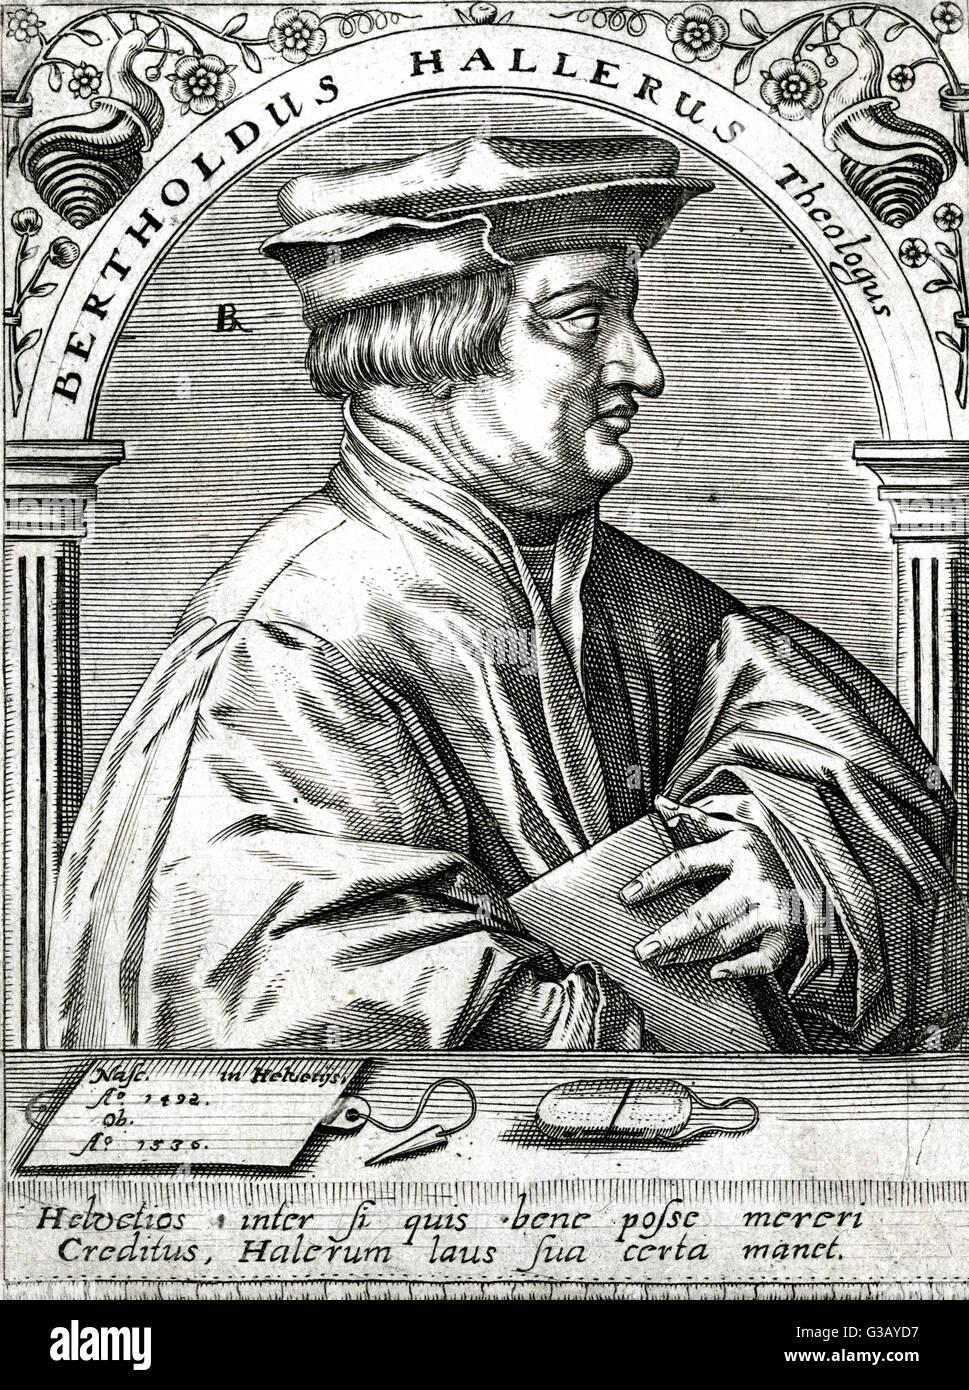 BERTHOLD HALLER  Swiss religious reformer        Date: 1492 - 1536 - Stock Image